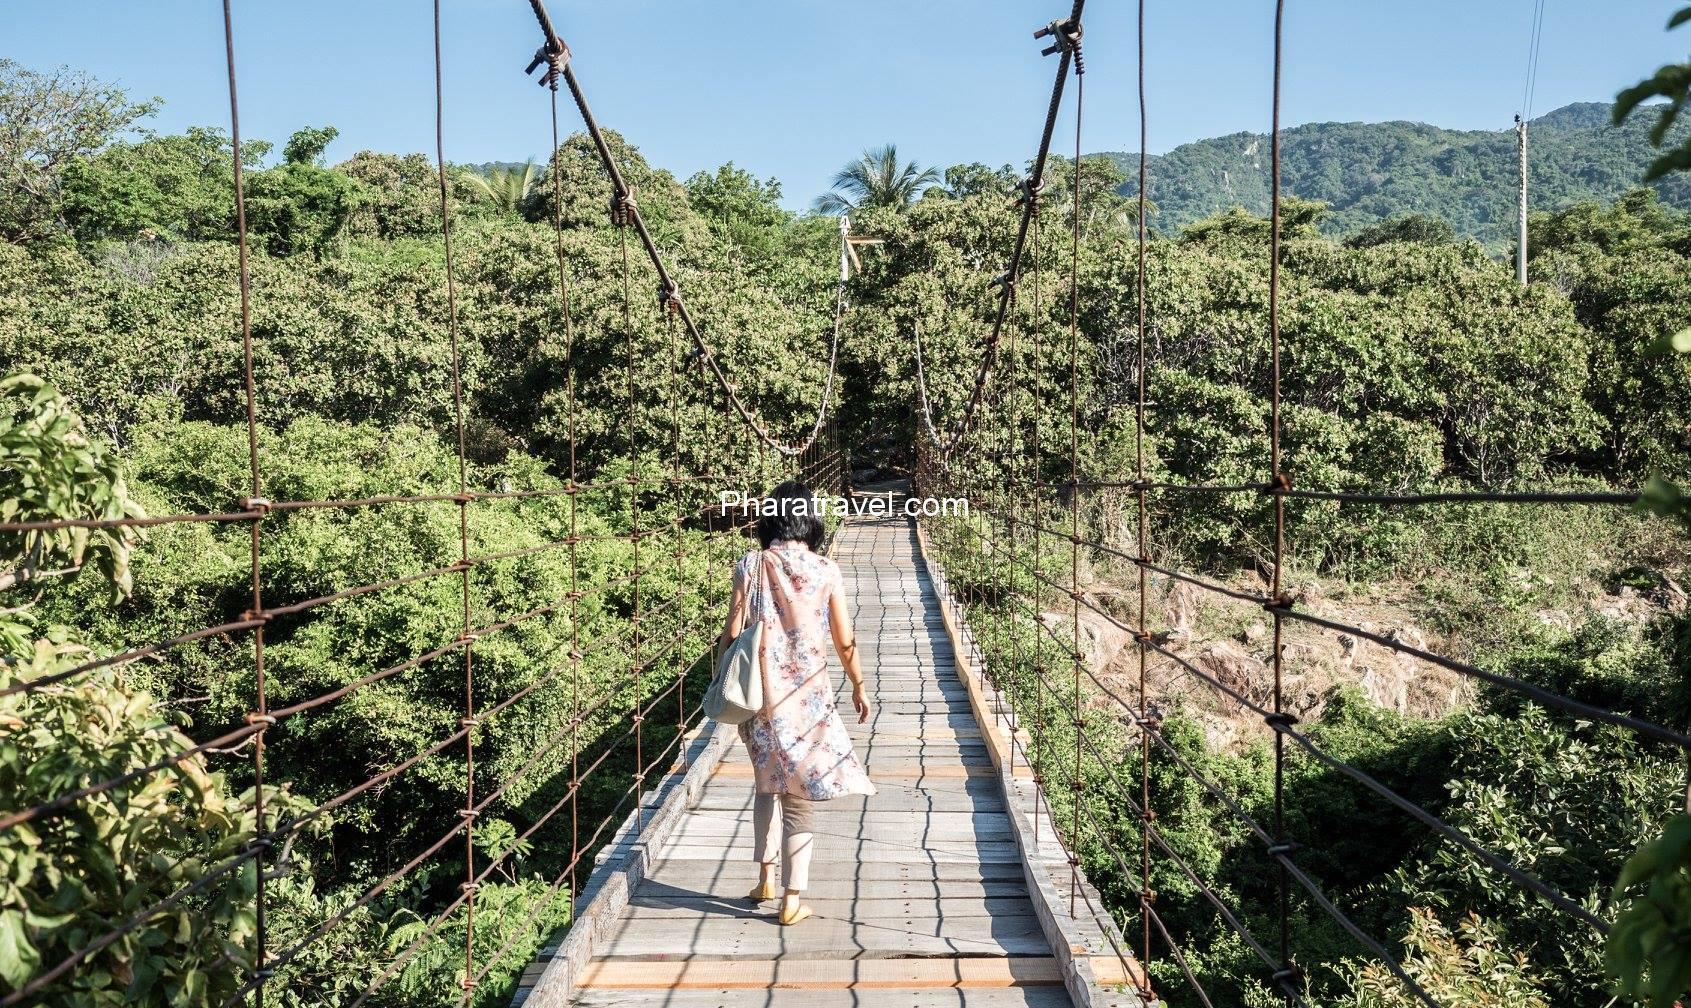 Top 5 Điểm cắm trại Ninh Thuận: view đẹp, điểm picnic không nên bỏ lỡ